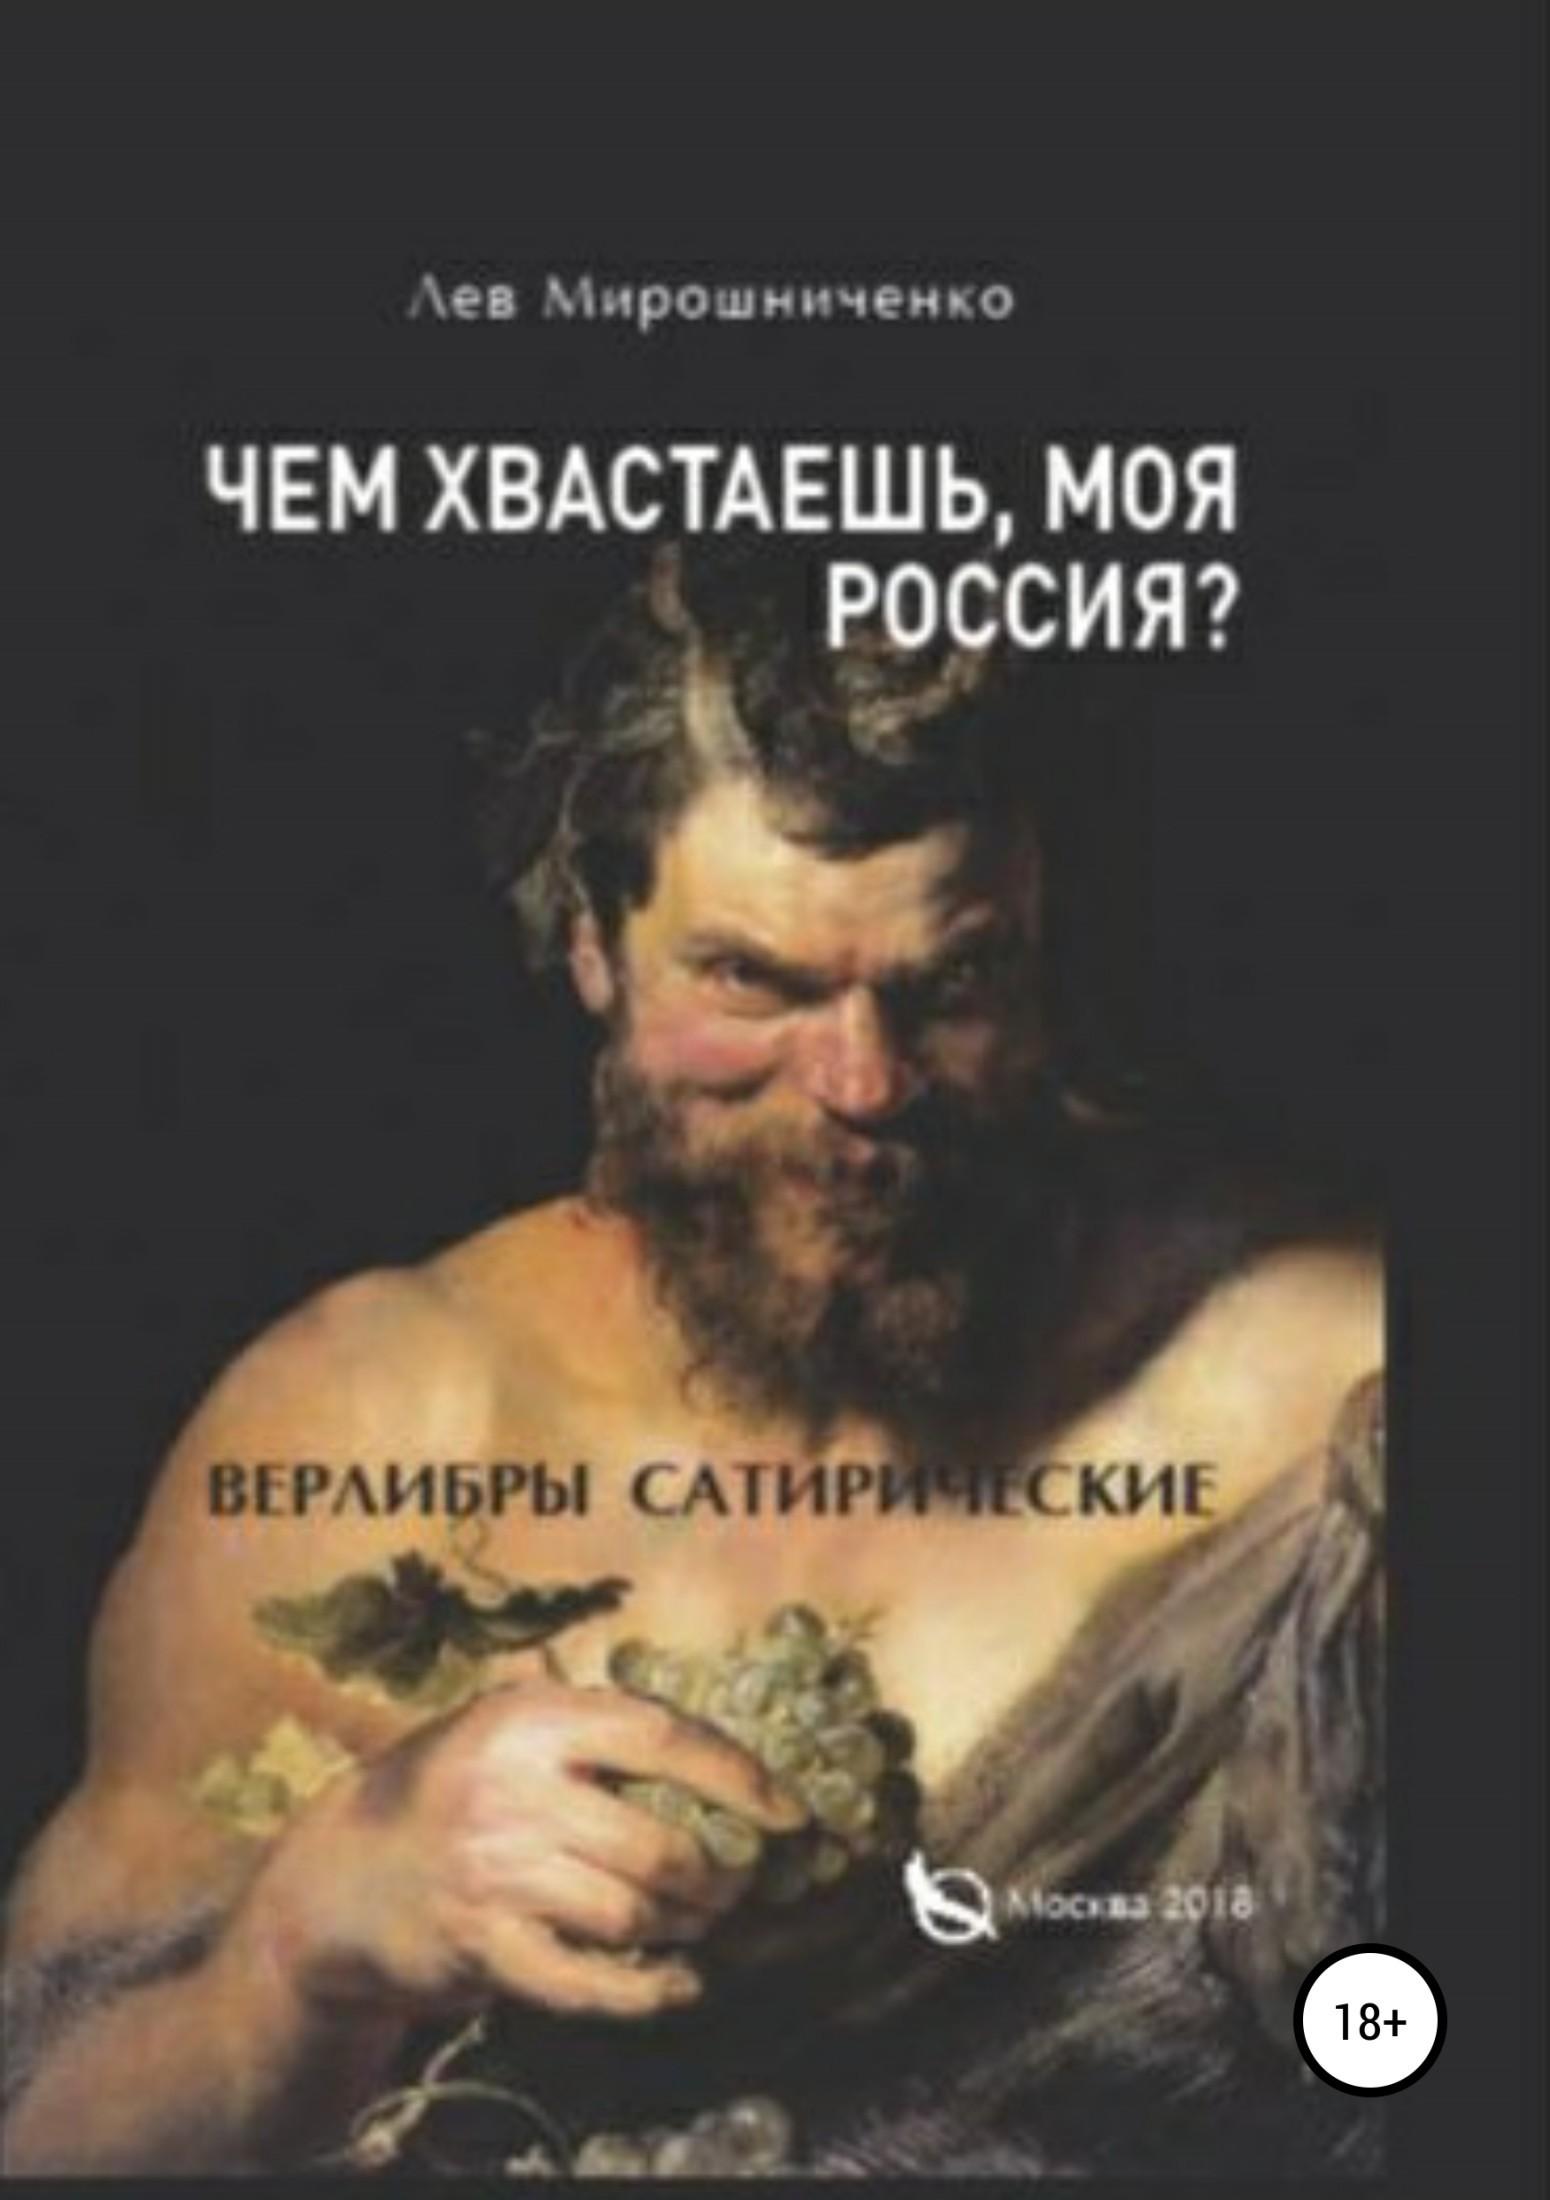 Чем хвастаешь, моя Россия? Сатирические верлибры